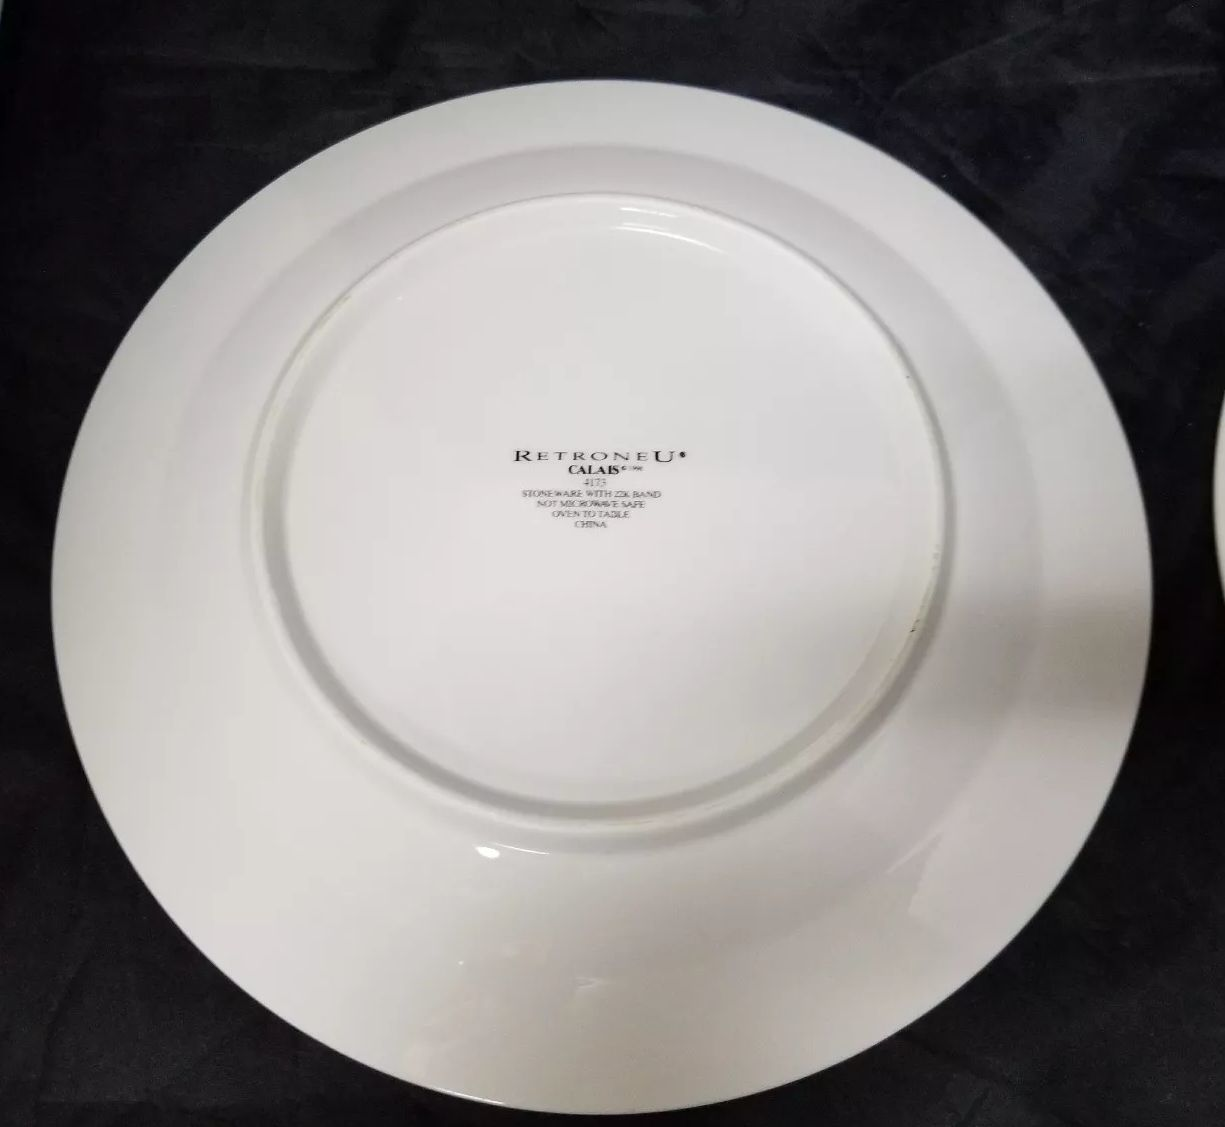 """Retroneu Calais Dinner Plates Set of 2, 10.5"""" White w Gold Trim 4173 image 9"""